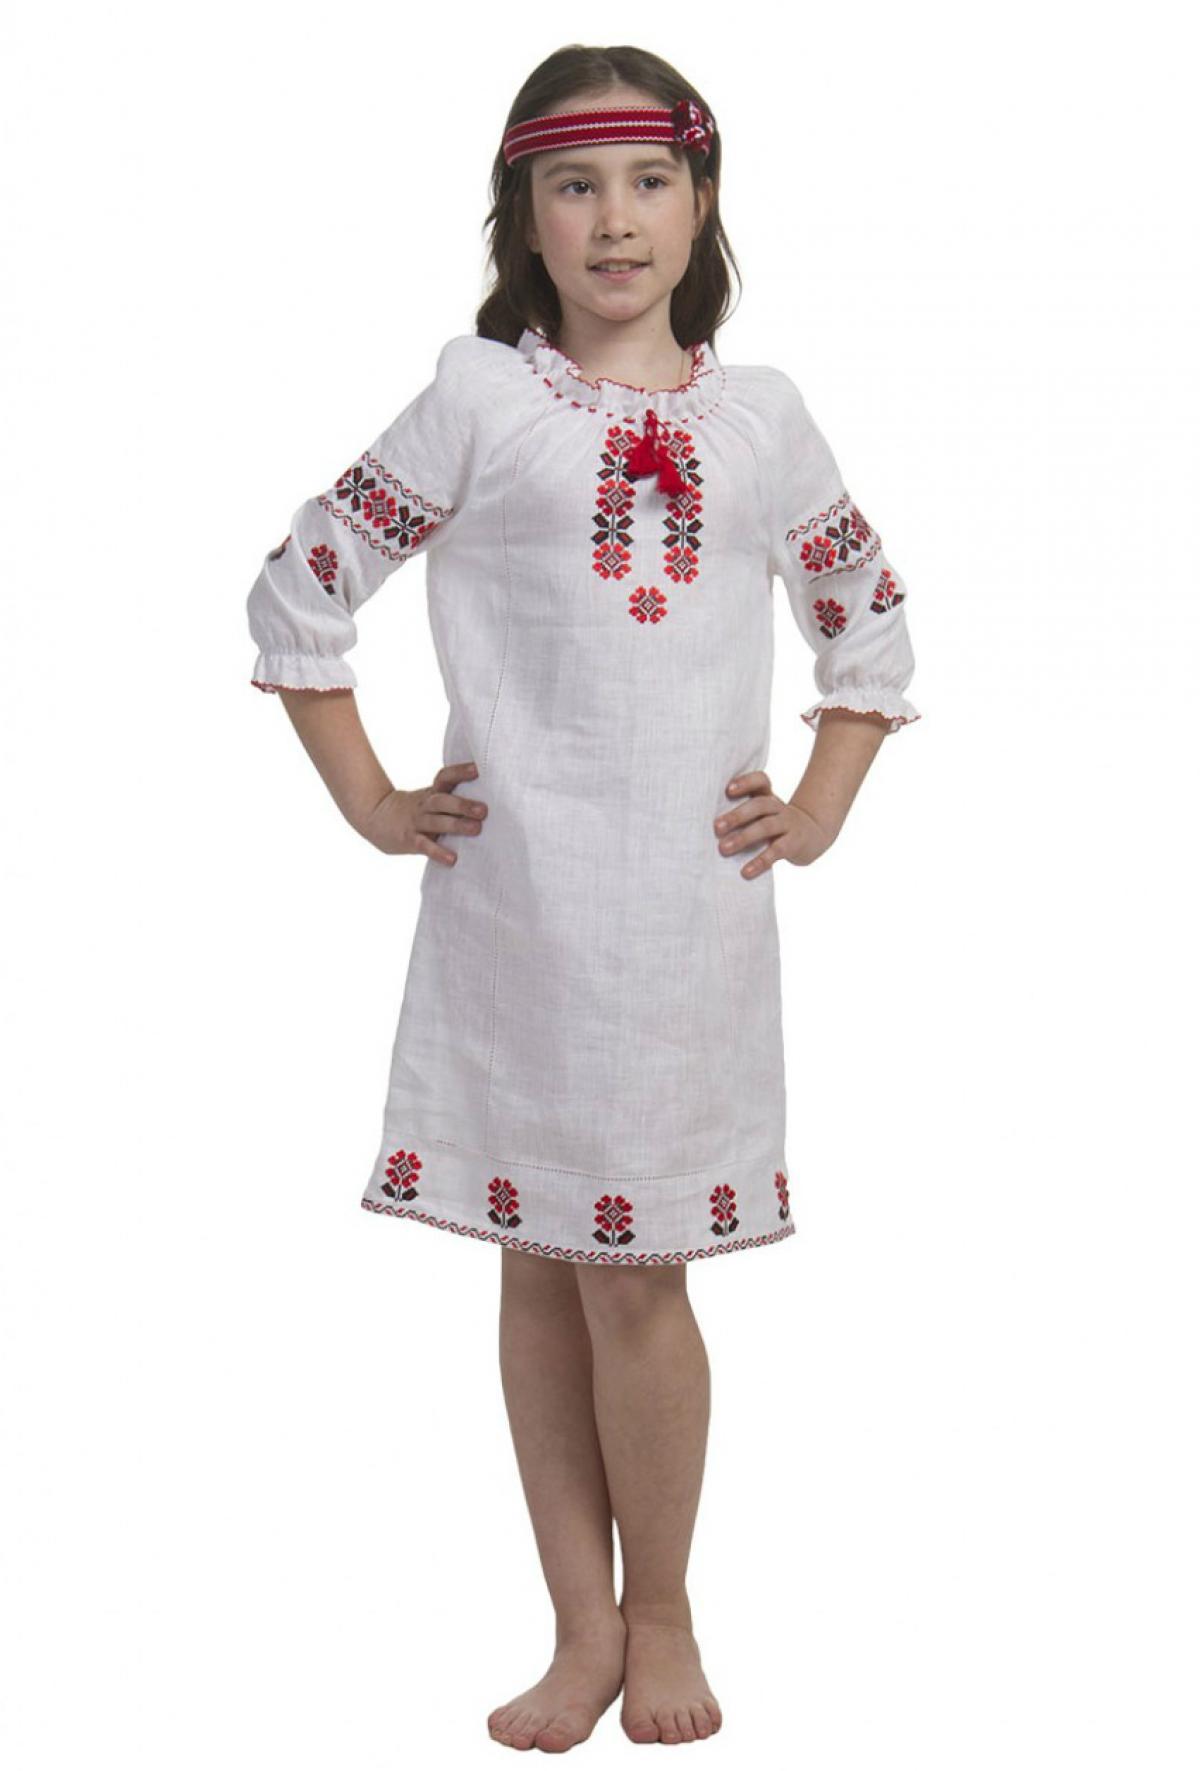 Біла вишита сукня для дівчинки з червоними вишитими квітами. Фото №1. | Народний дім Україна